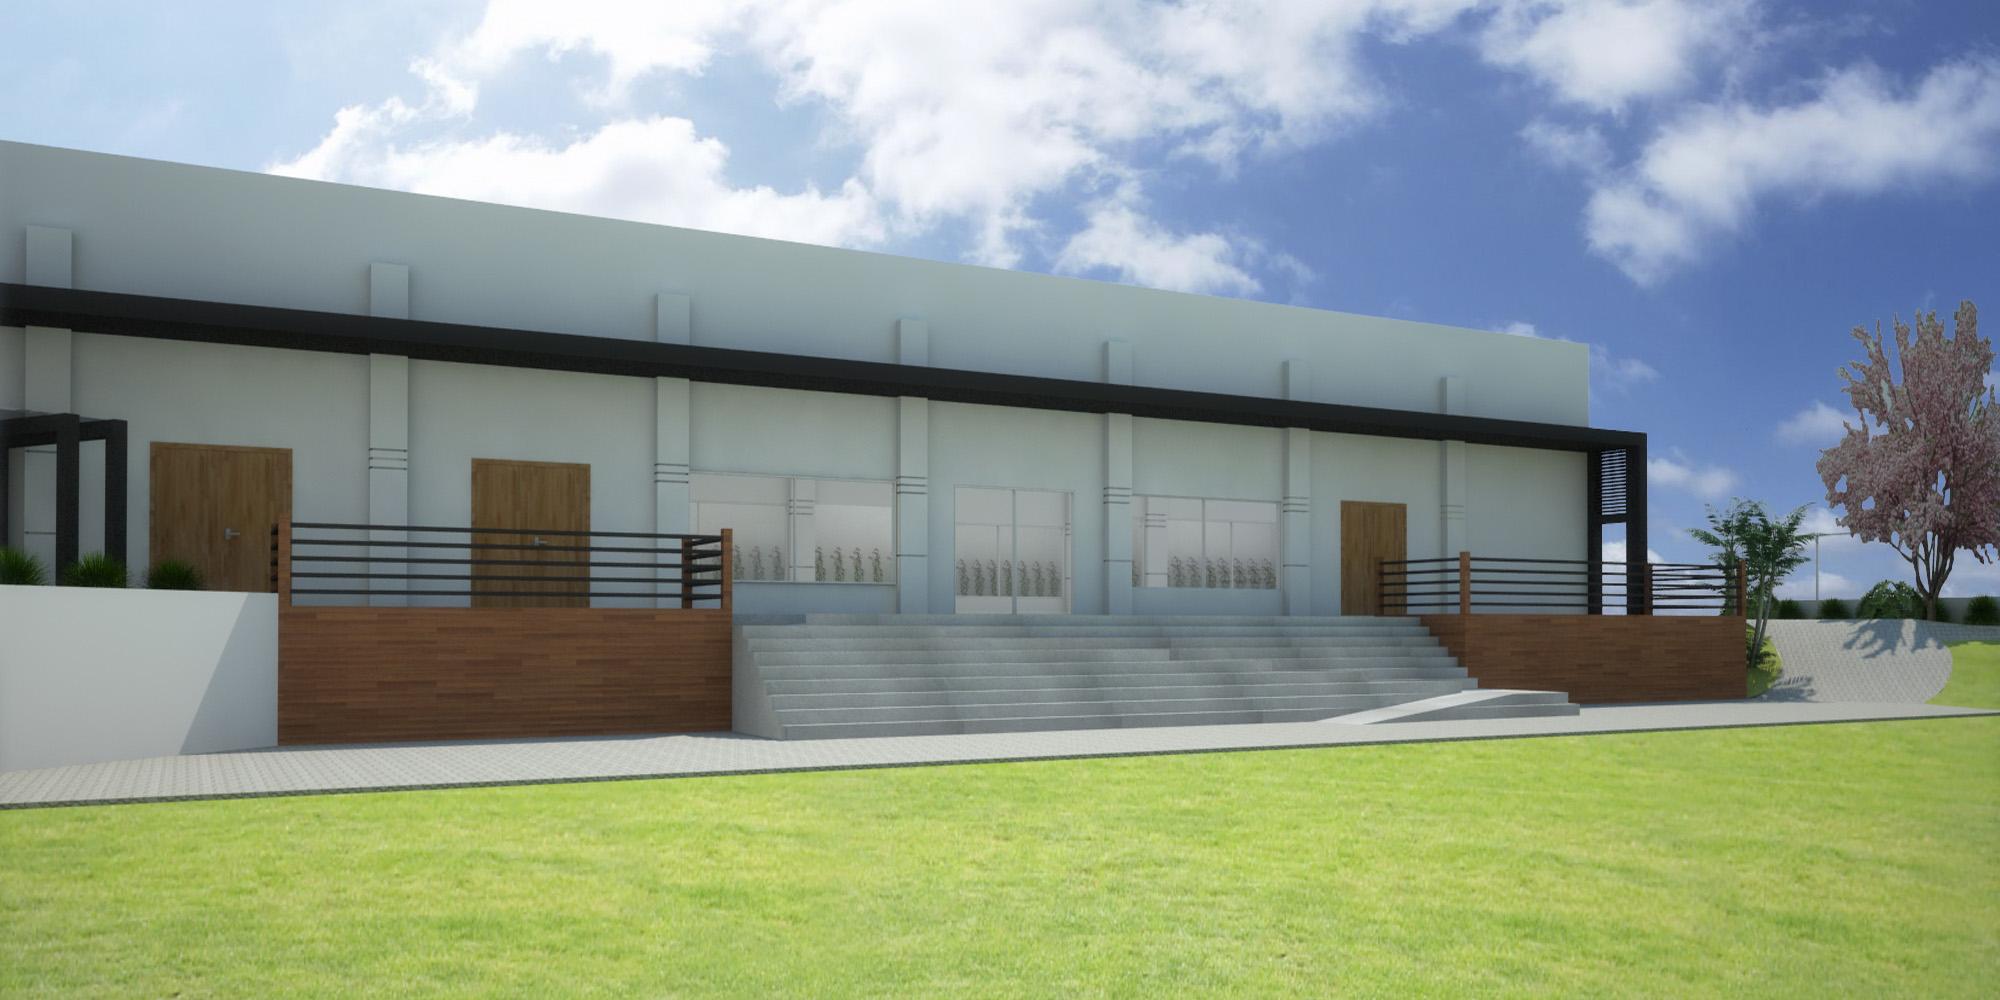 Projeto comunitário da CCP em parceria com o Manià Arquitetura  #829338 2000 1000